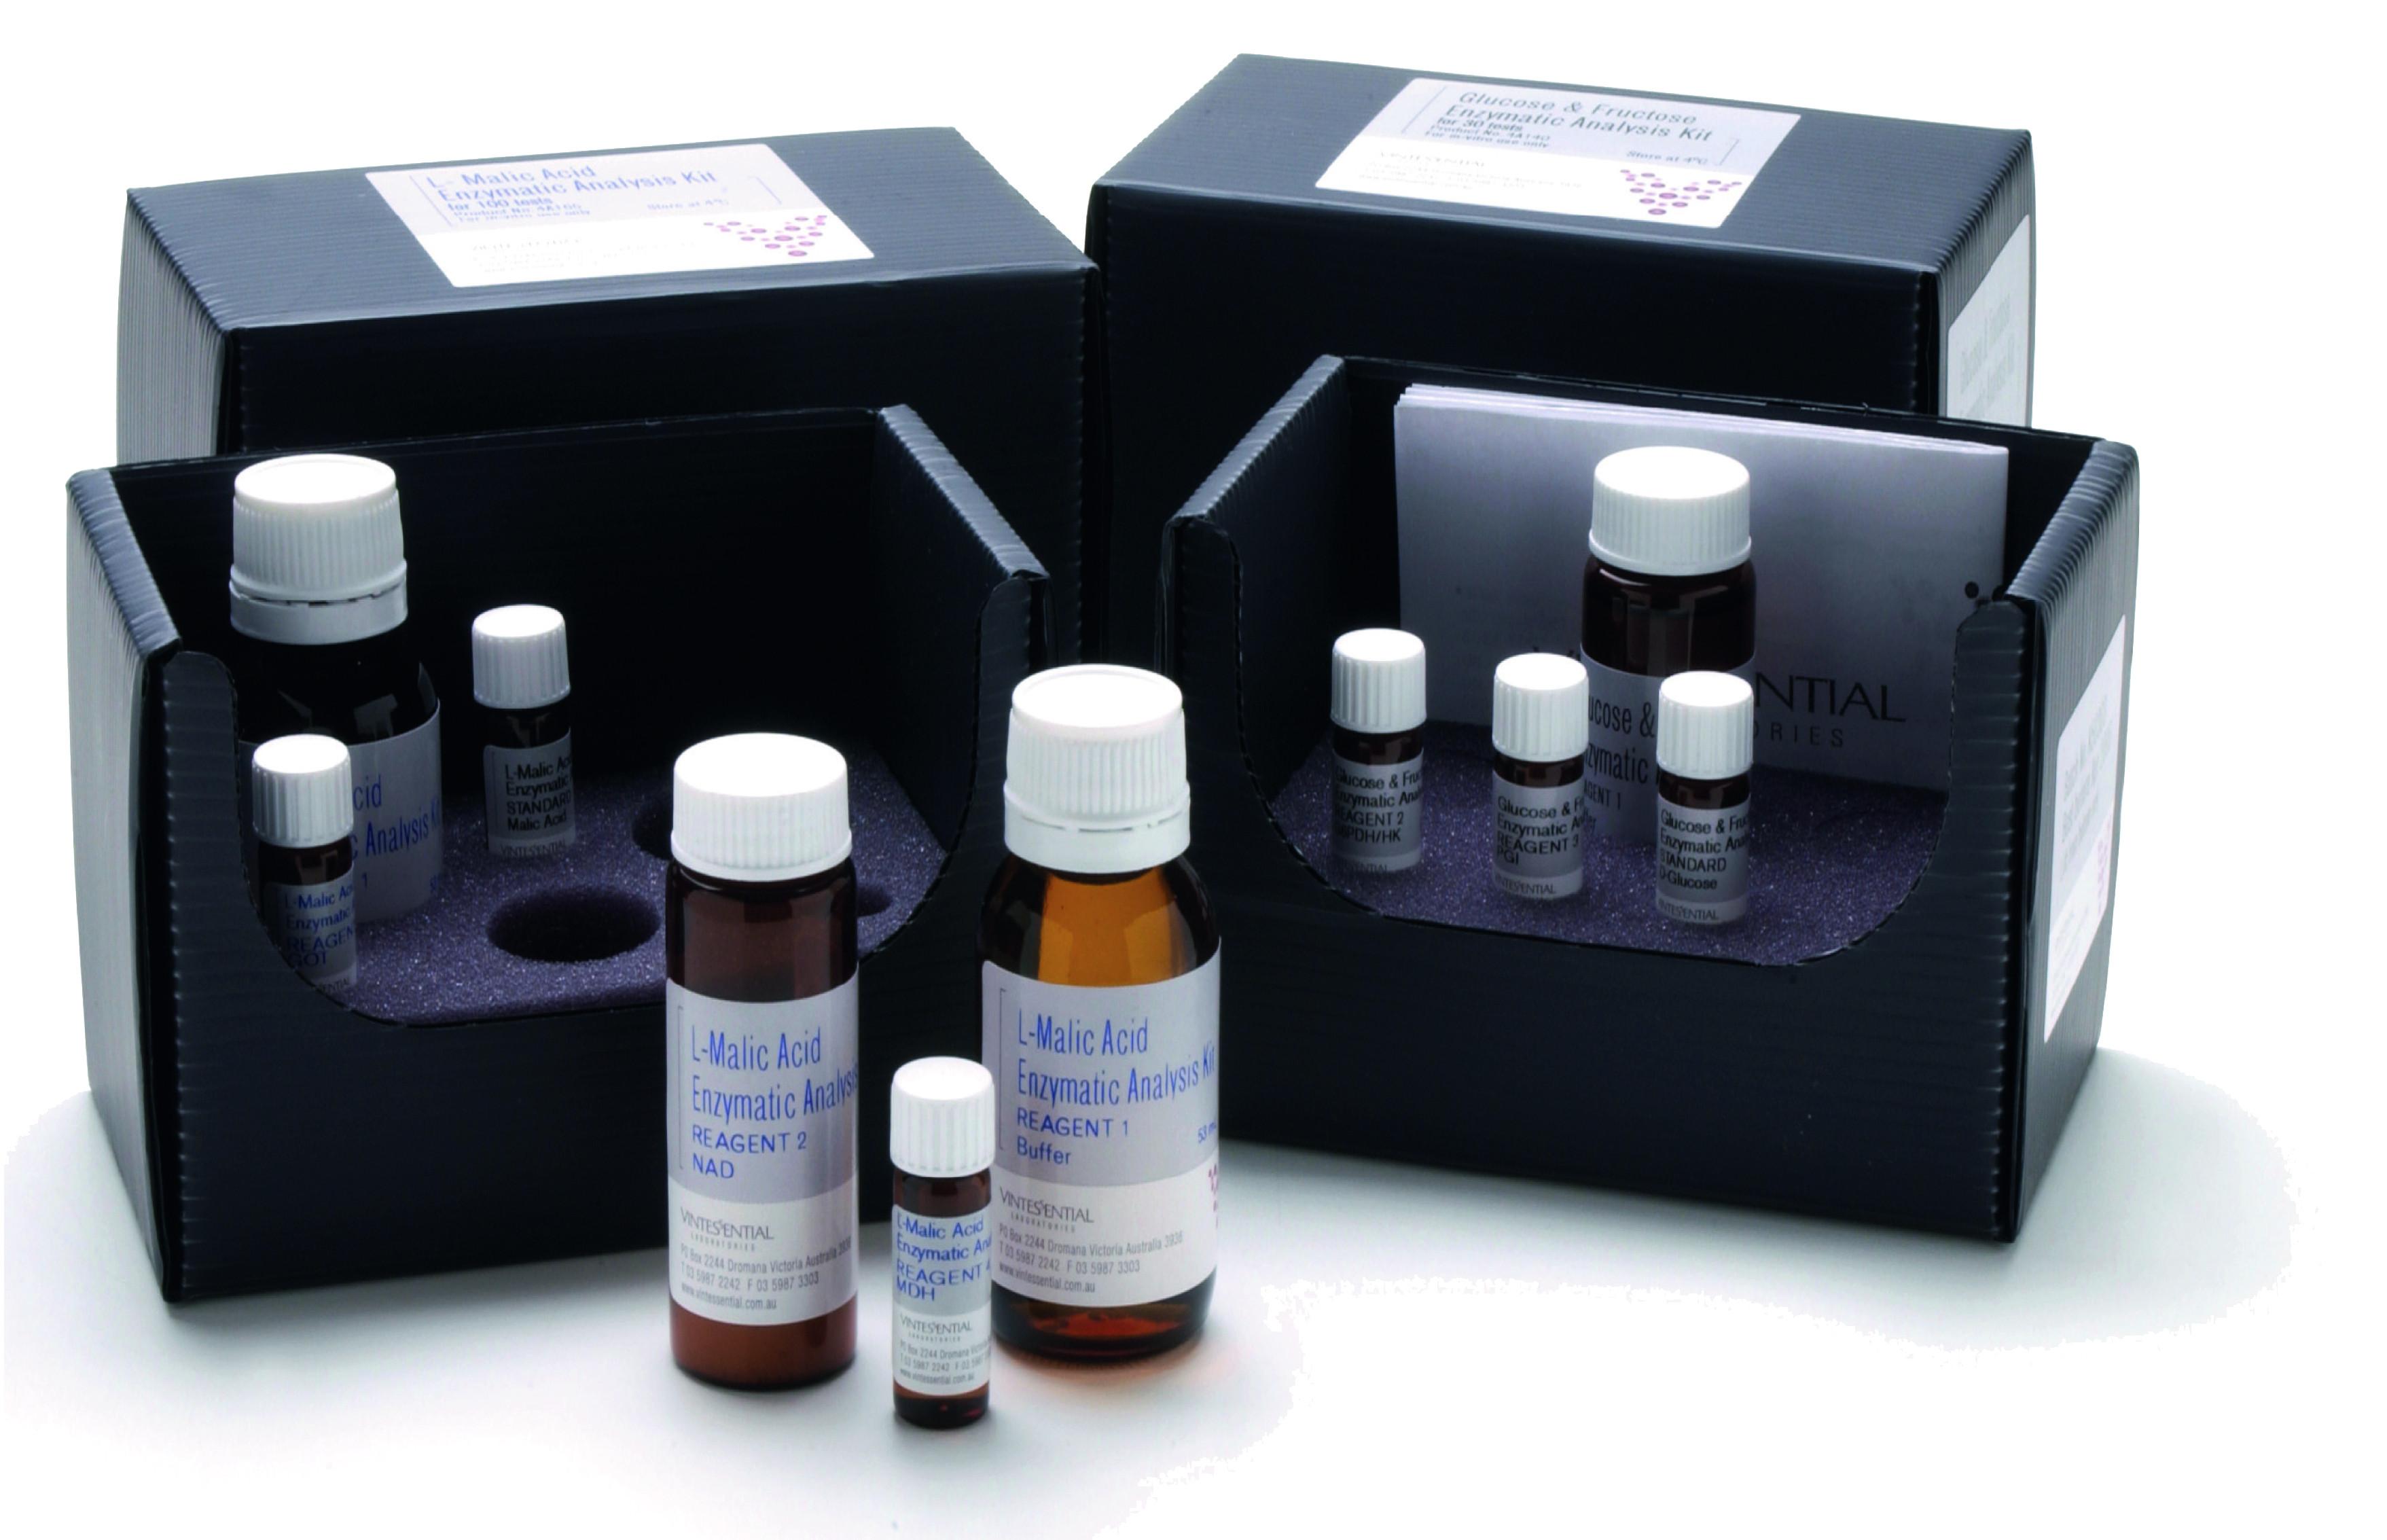 L-Malic Acid Kit for Discrete Analyzers